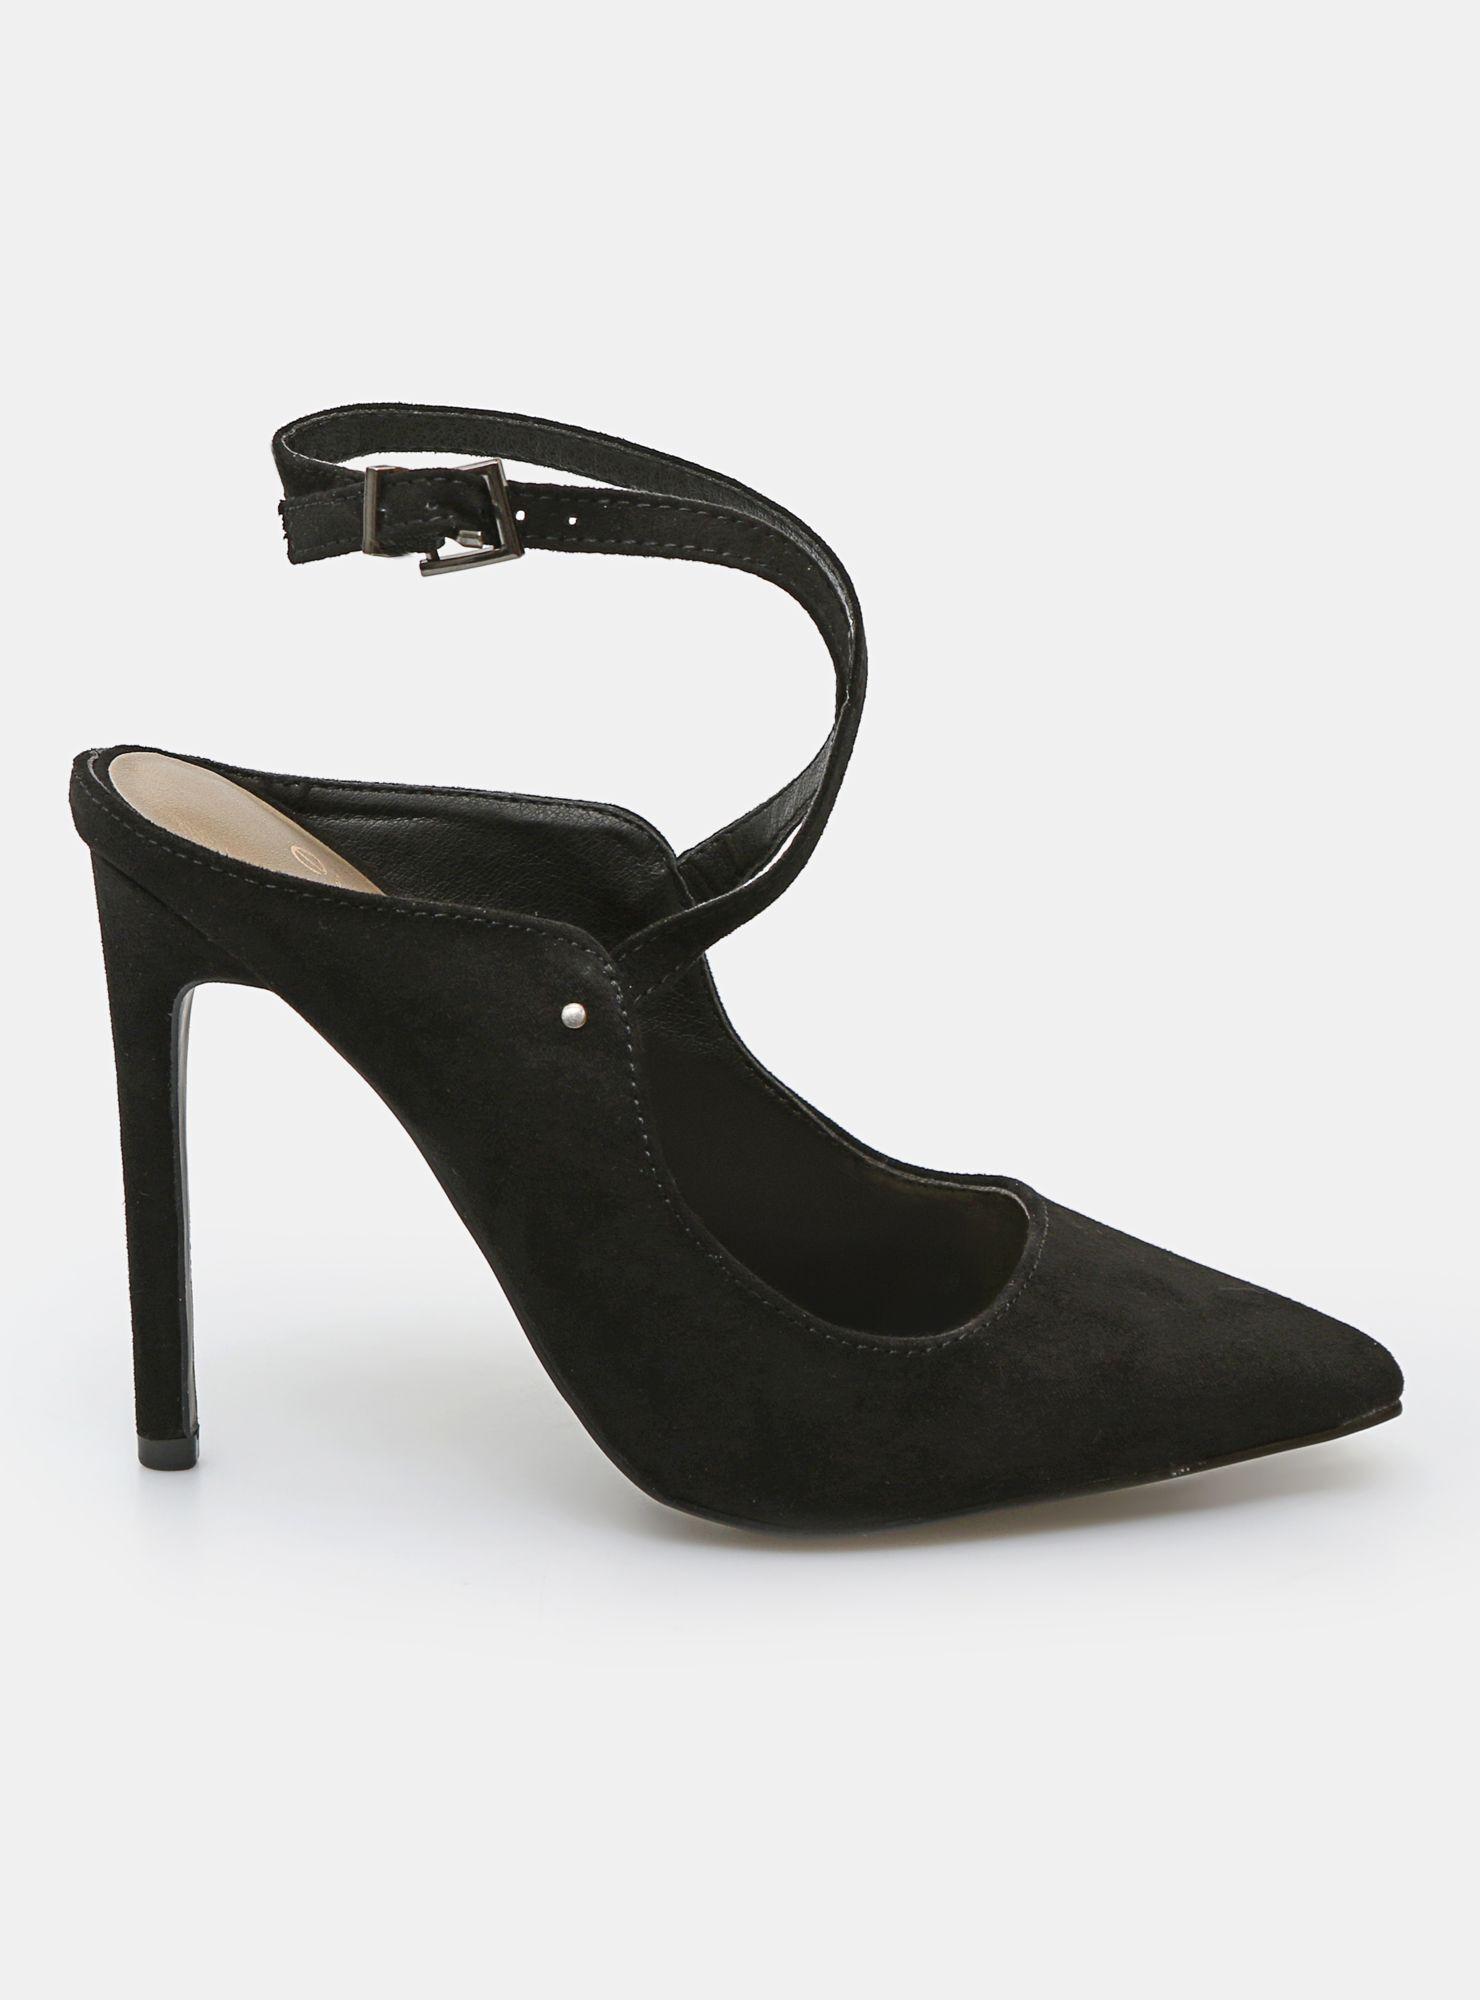 1684d3bab2792 Zapato de Vestir Evoque Correa Pulsera - Colección Walk It